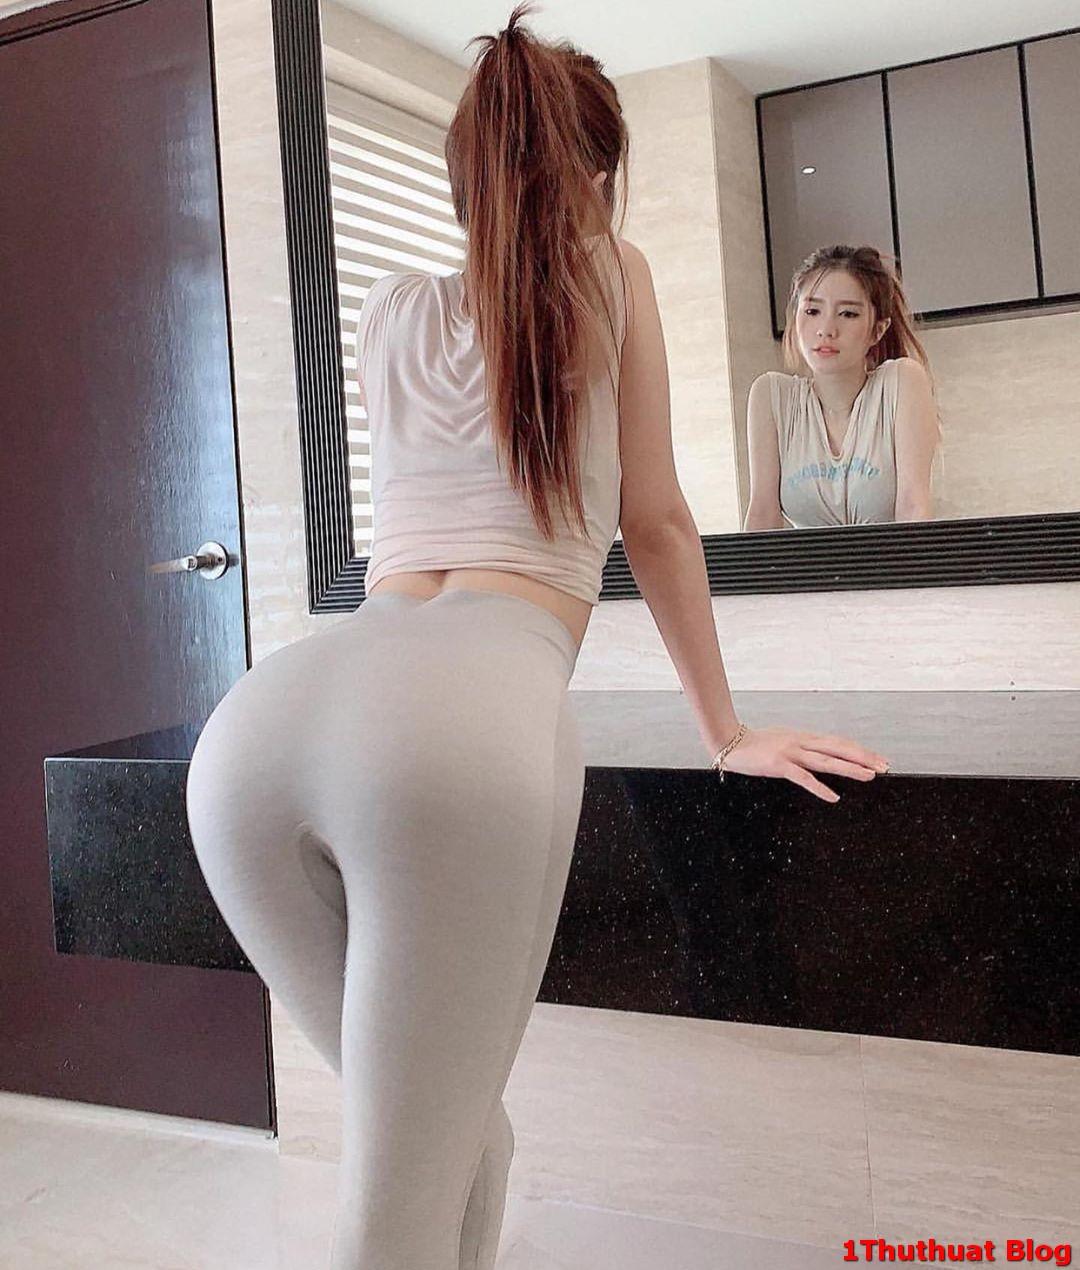 Ảnh gái mông to cực đẹp nhìn là phê